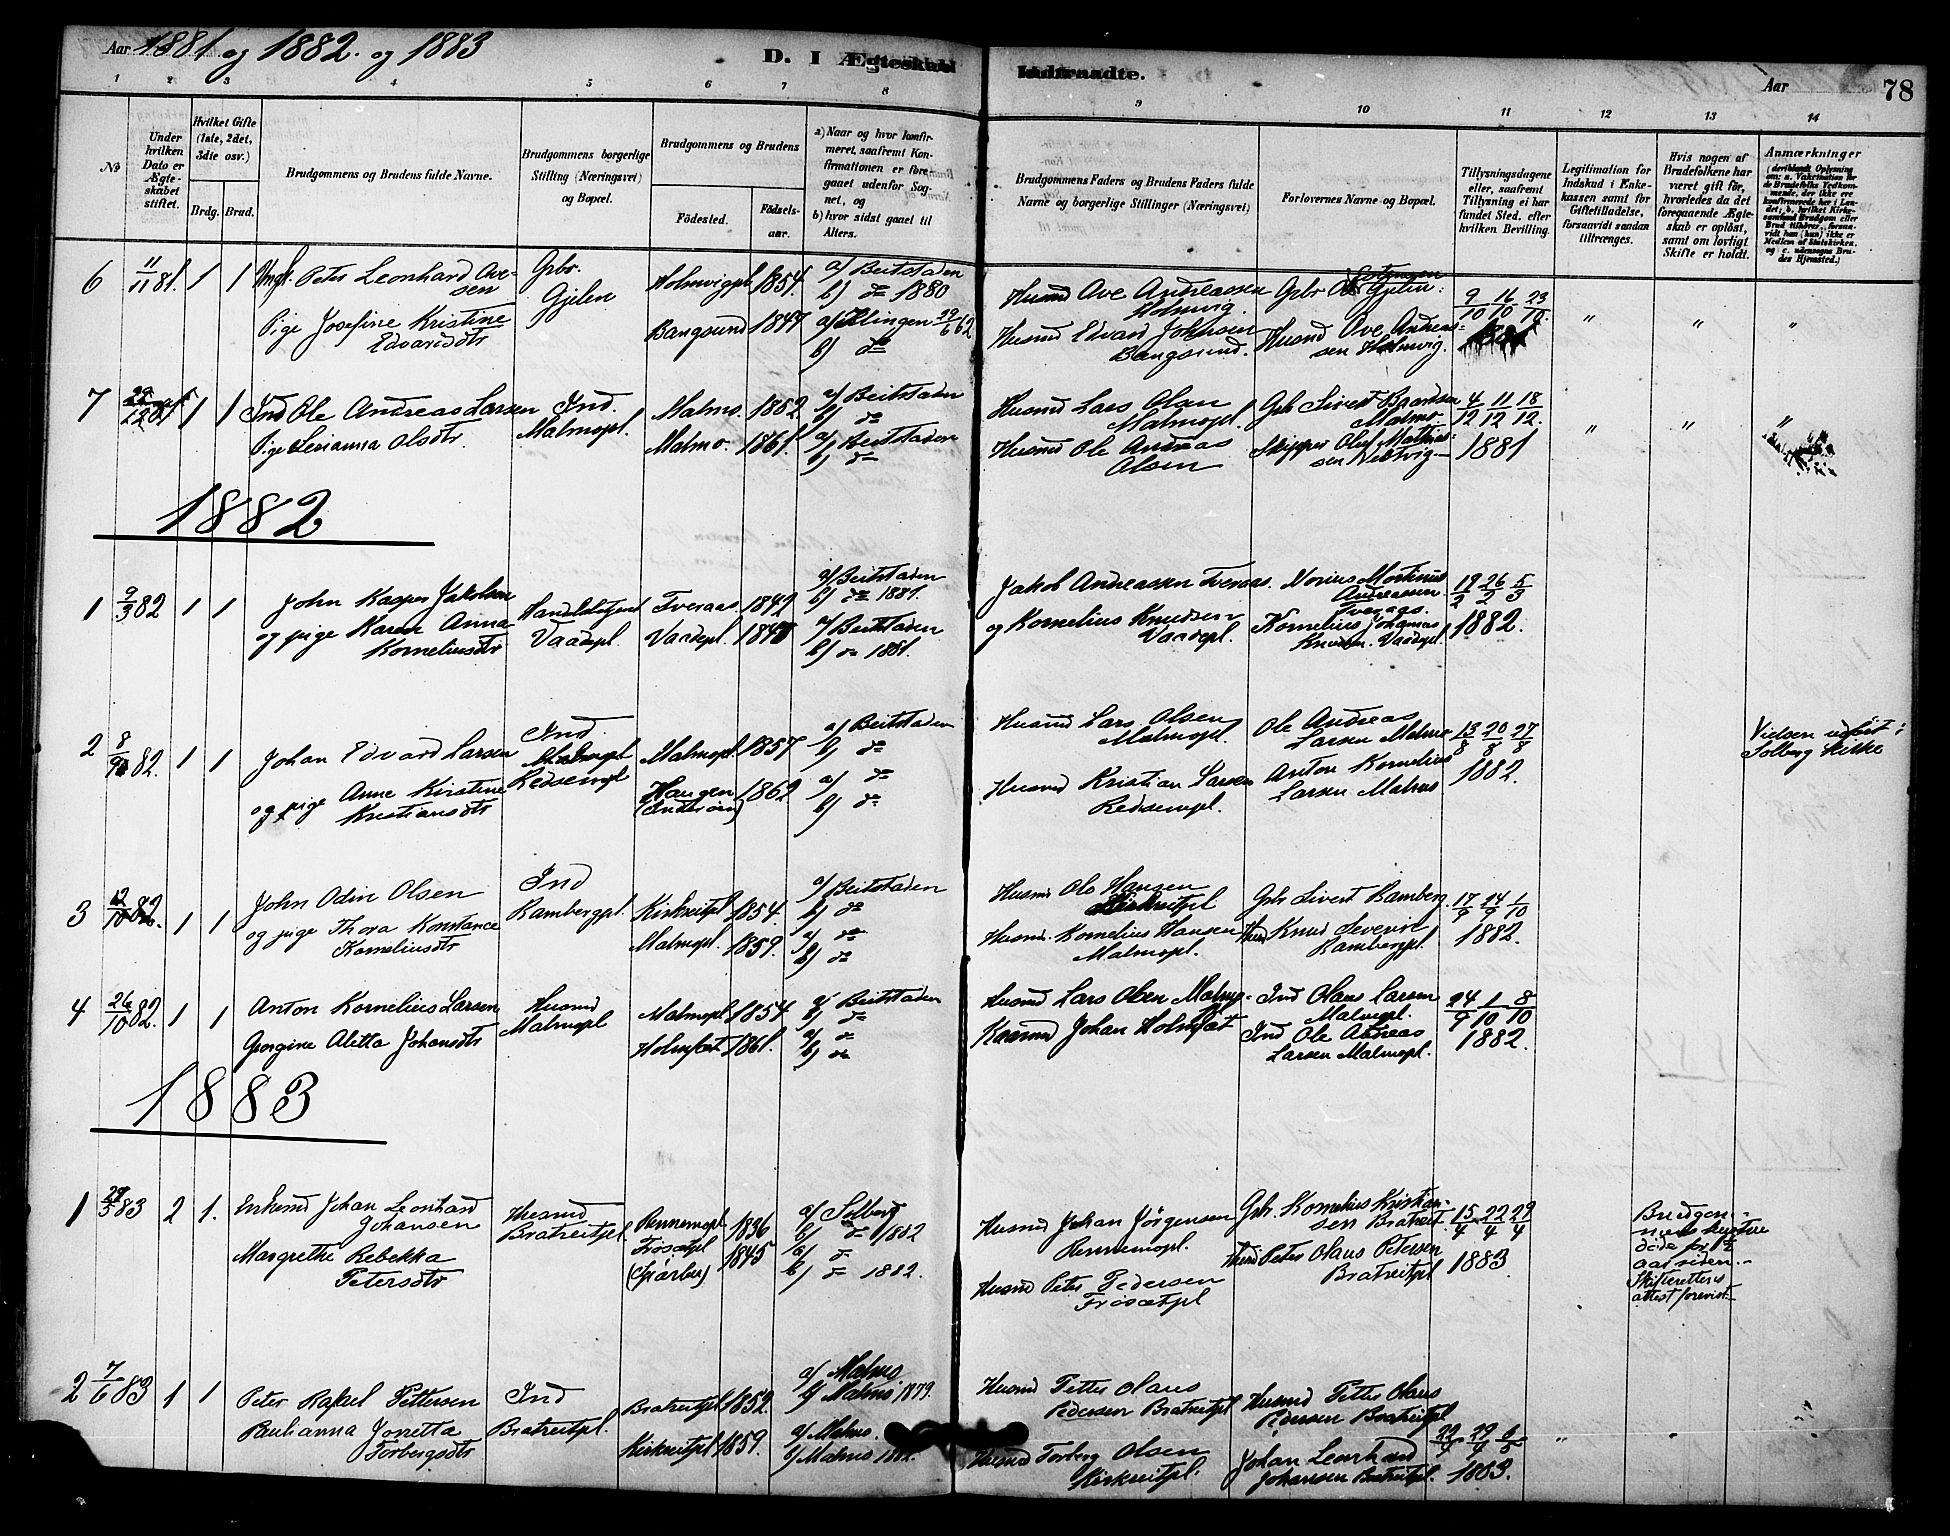 SAT, Ministerialprotokoller, klokkerbøker og fødselsregistre - Nord-Trøndelag, 745/L0429: Ministerialbok nr. 745A01, 1878-1894, s. 78